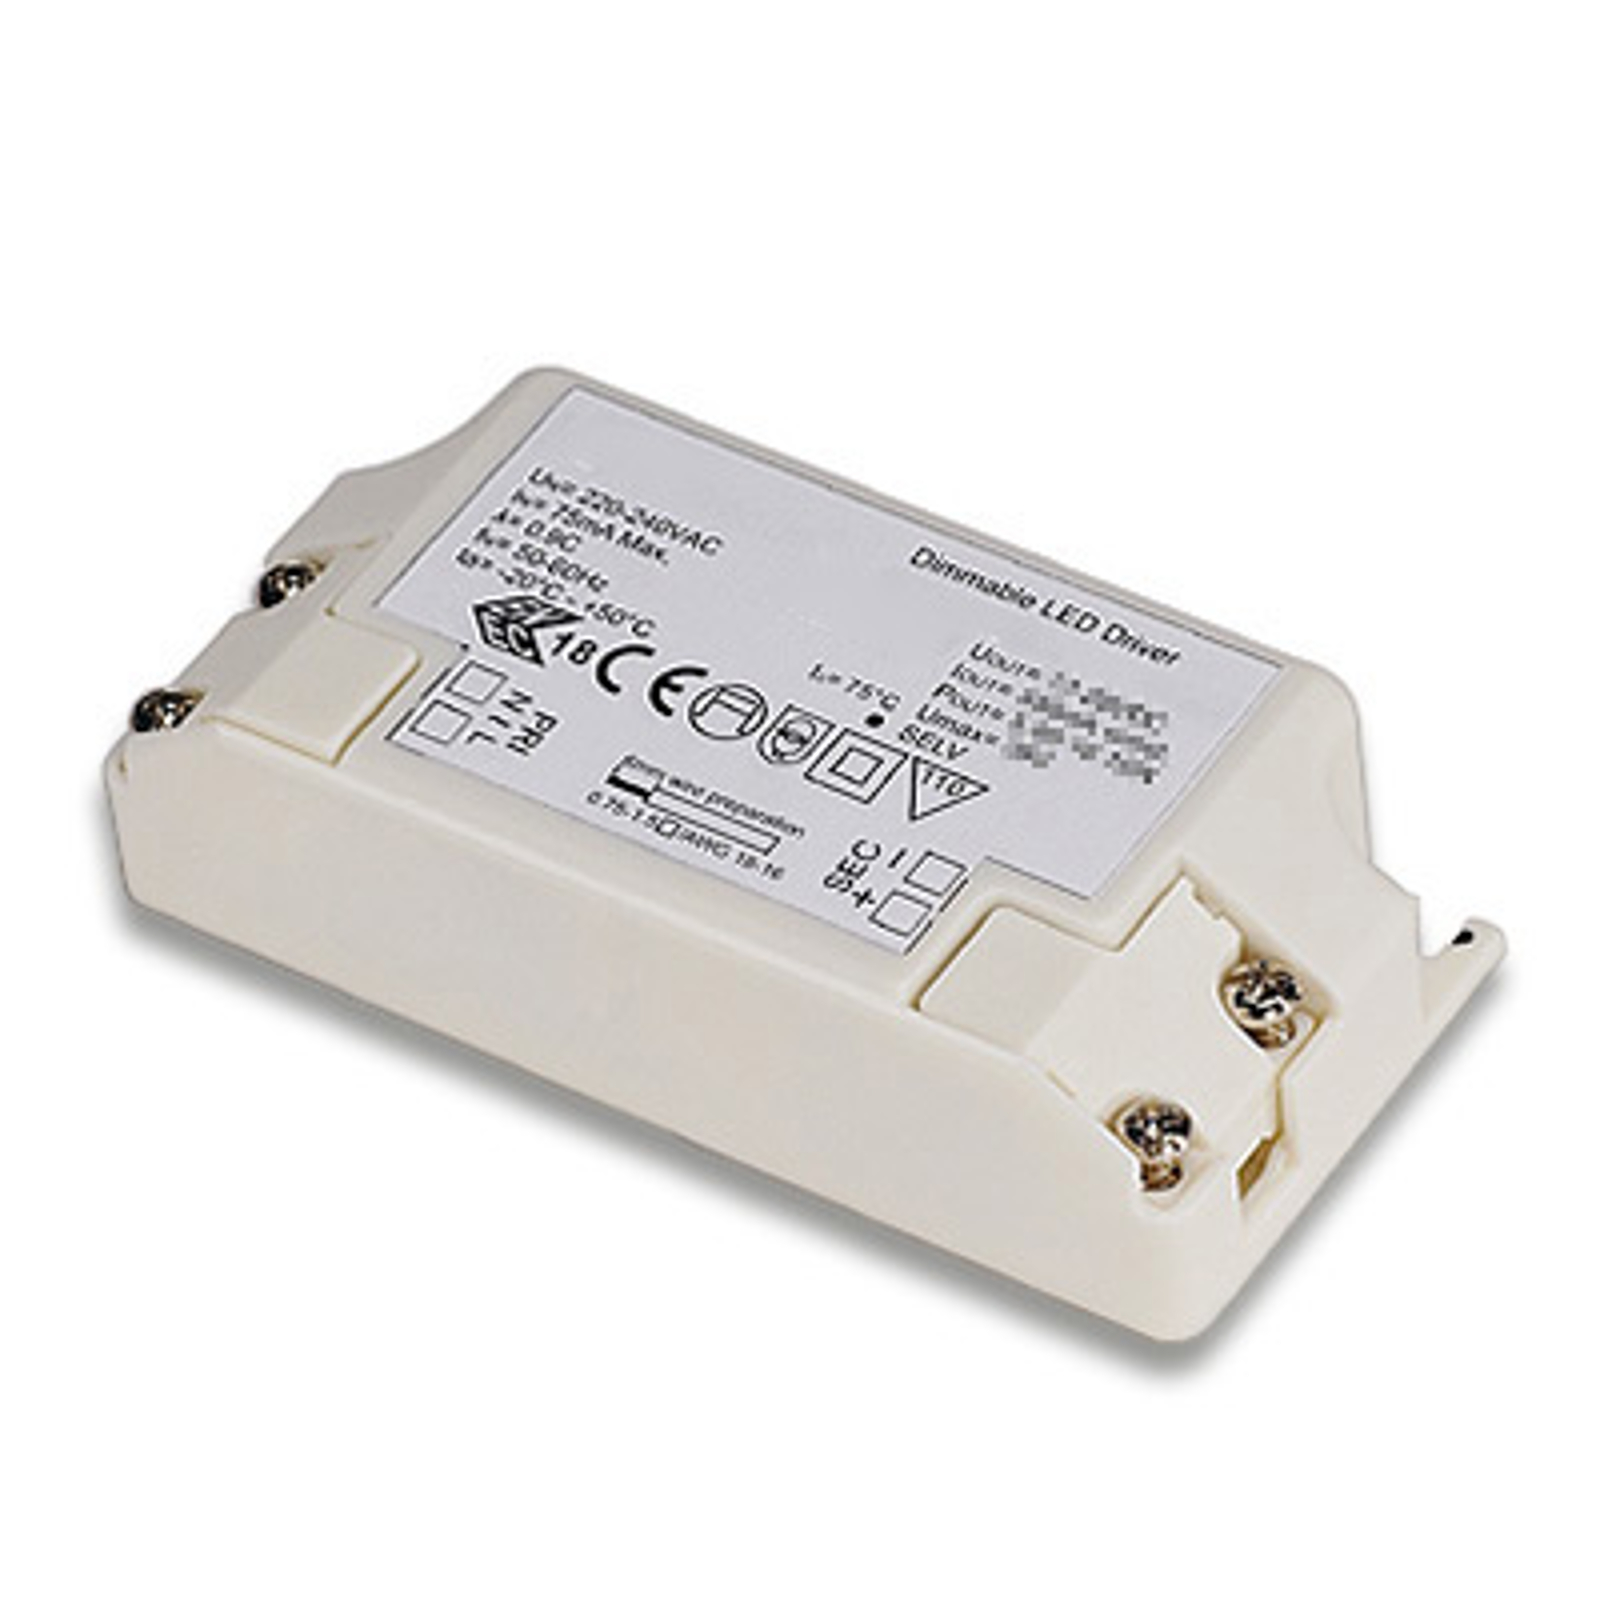 Dimbar LED-driver 10 W, 350 mA